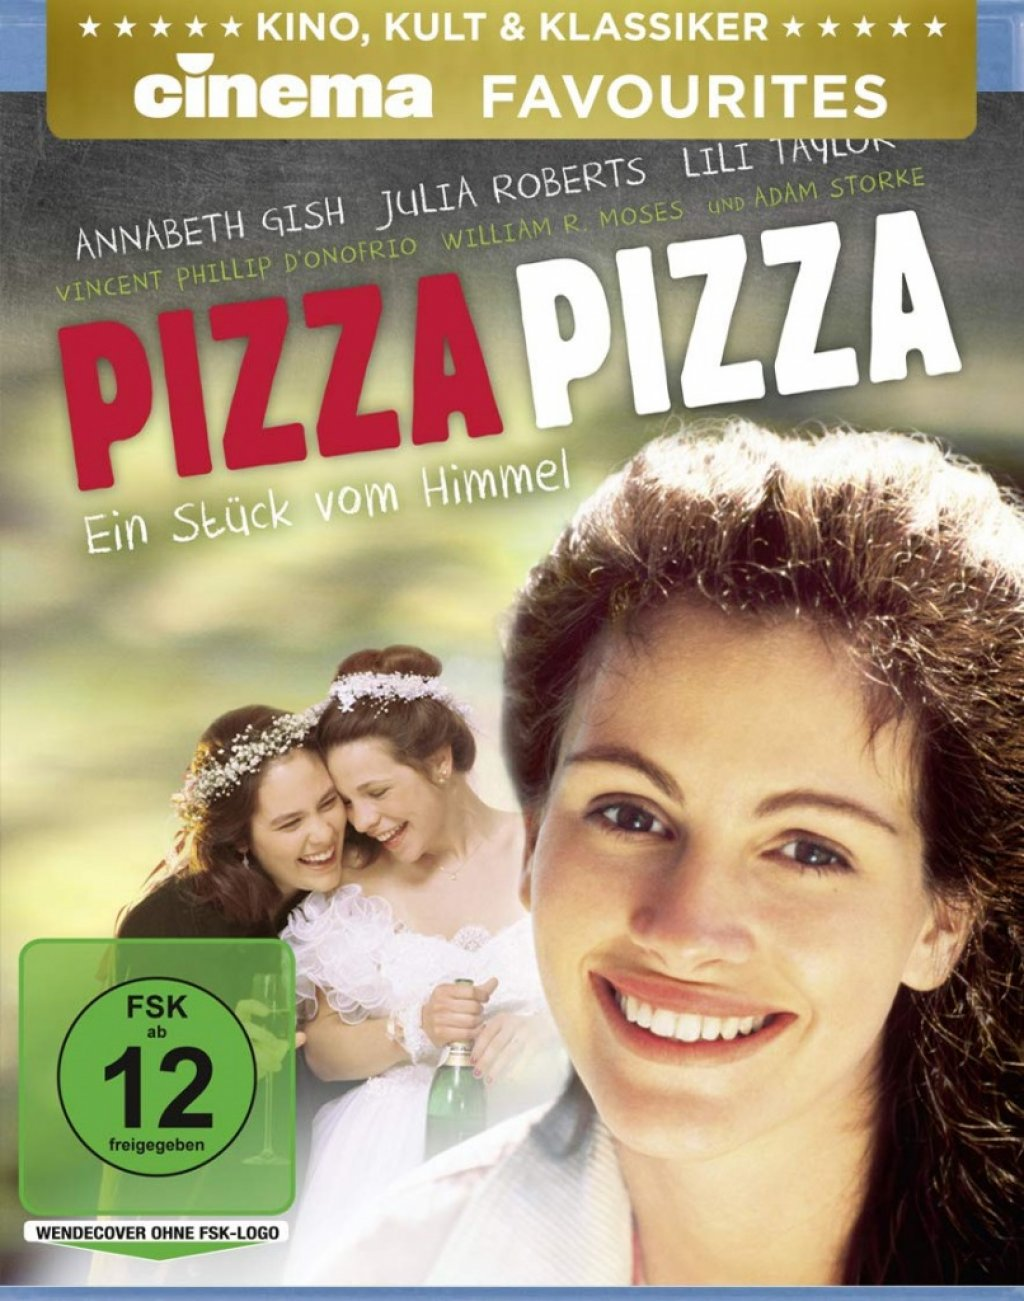 Pizza Pizza - Ein Stück vom Himmel - CINEMA Favourites (Blu-ray)